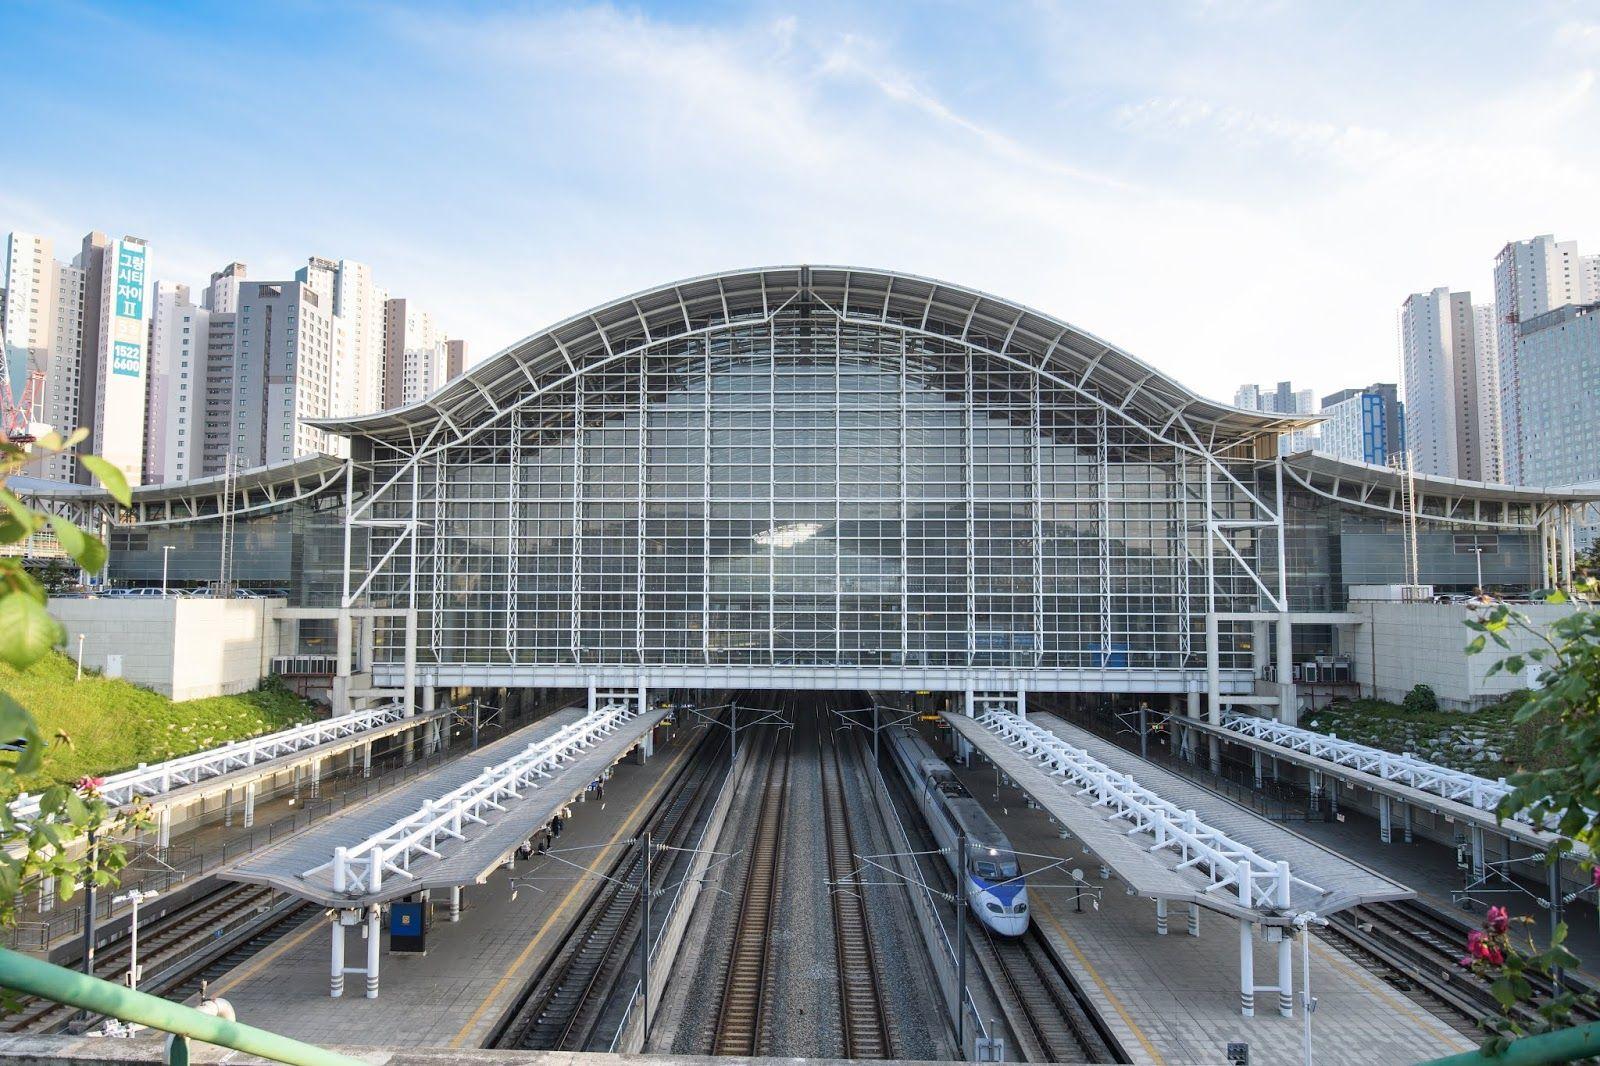 '광명역 도심공항터미널', 개장 1주년 하루 평균 226명 이용